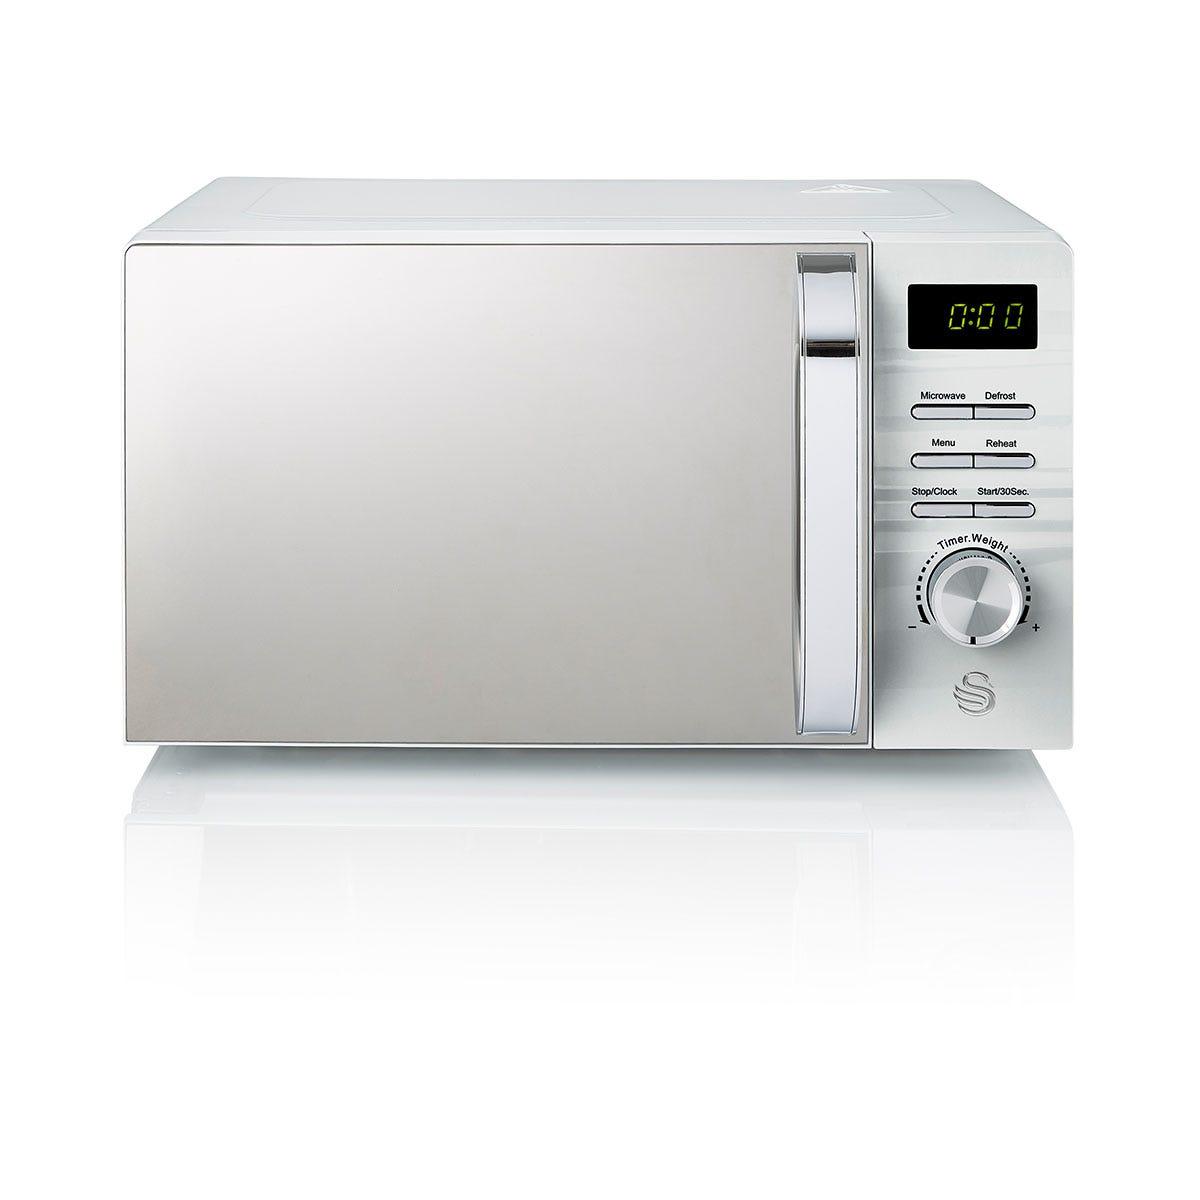 Swan SM22038WN Symphony 700W Digital Microwave - White